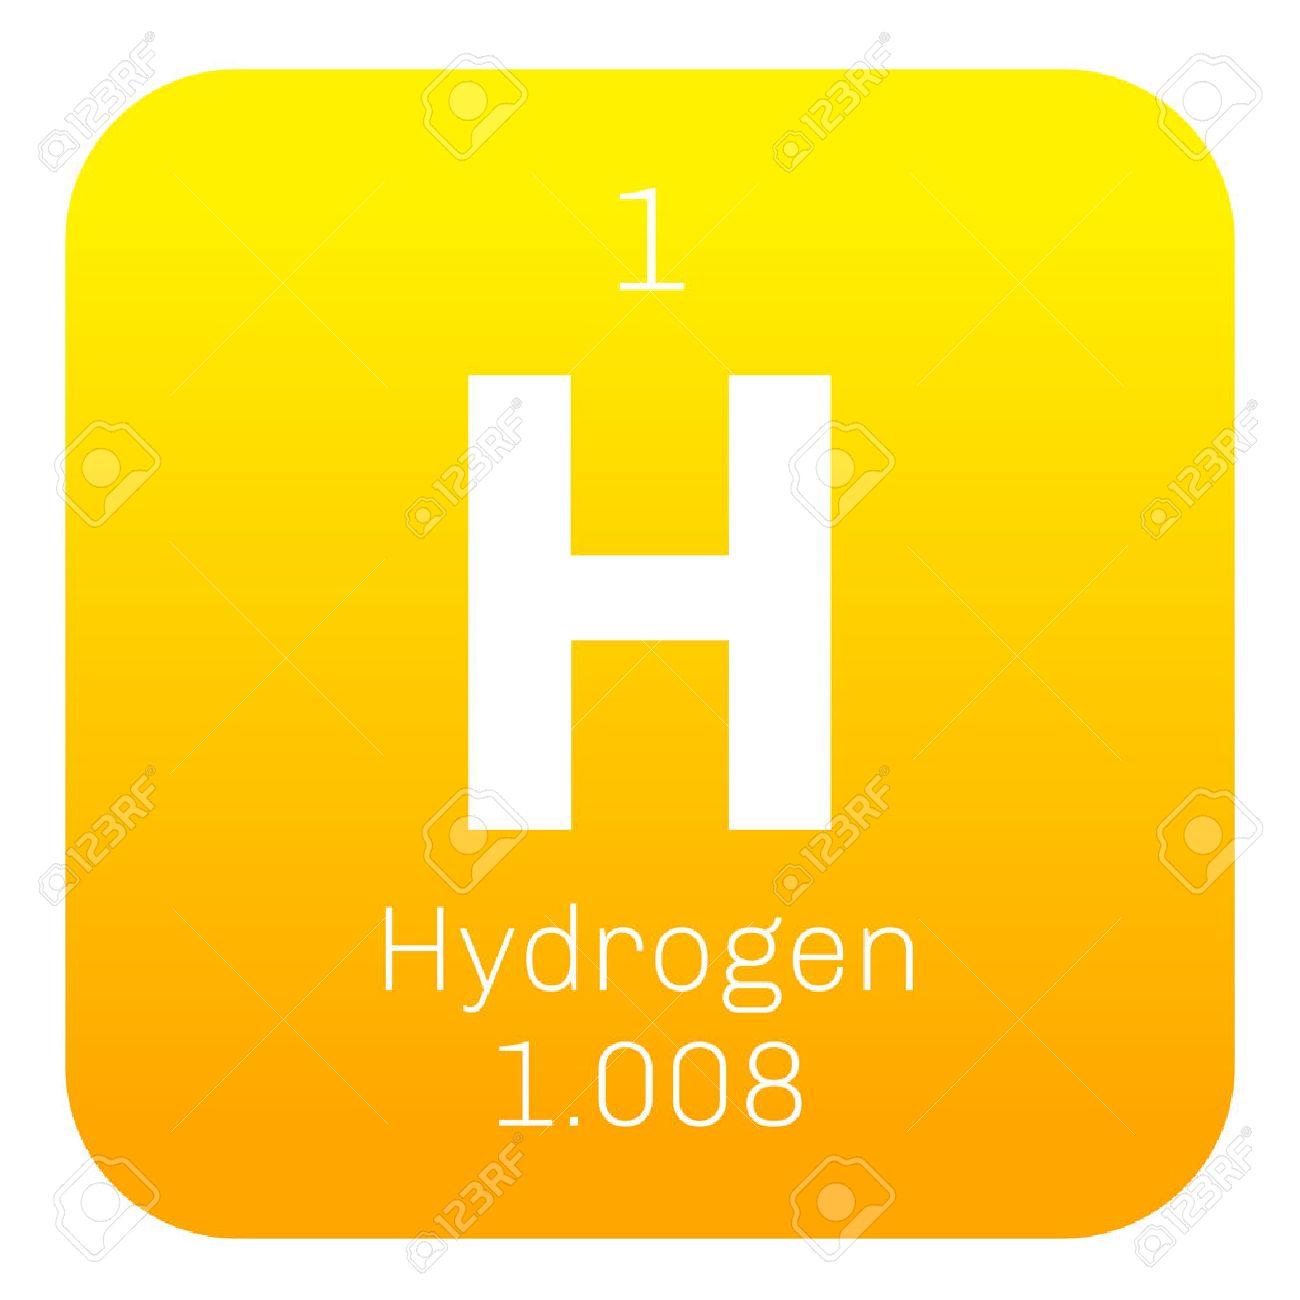 El hidrgeno elemento qumico el elemento ms ligero en la tabla el hidrgeno elemento qumico el elemento ms ligero en la tabla peridica icono de urtaz Images